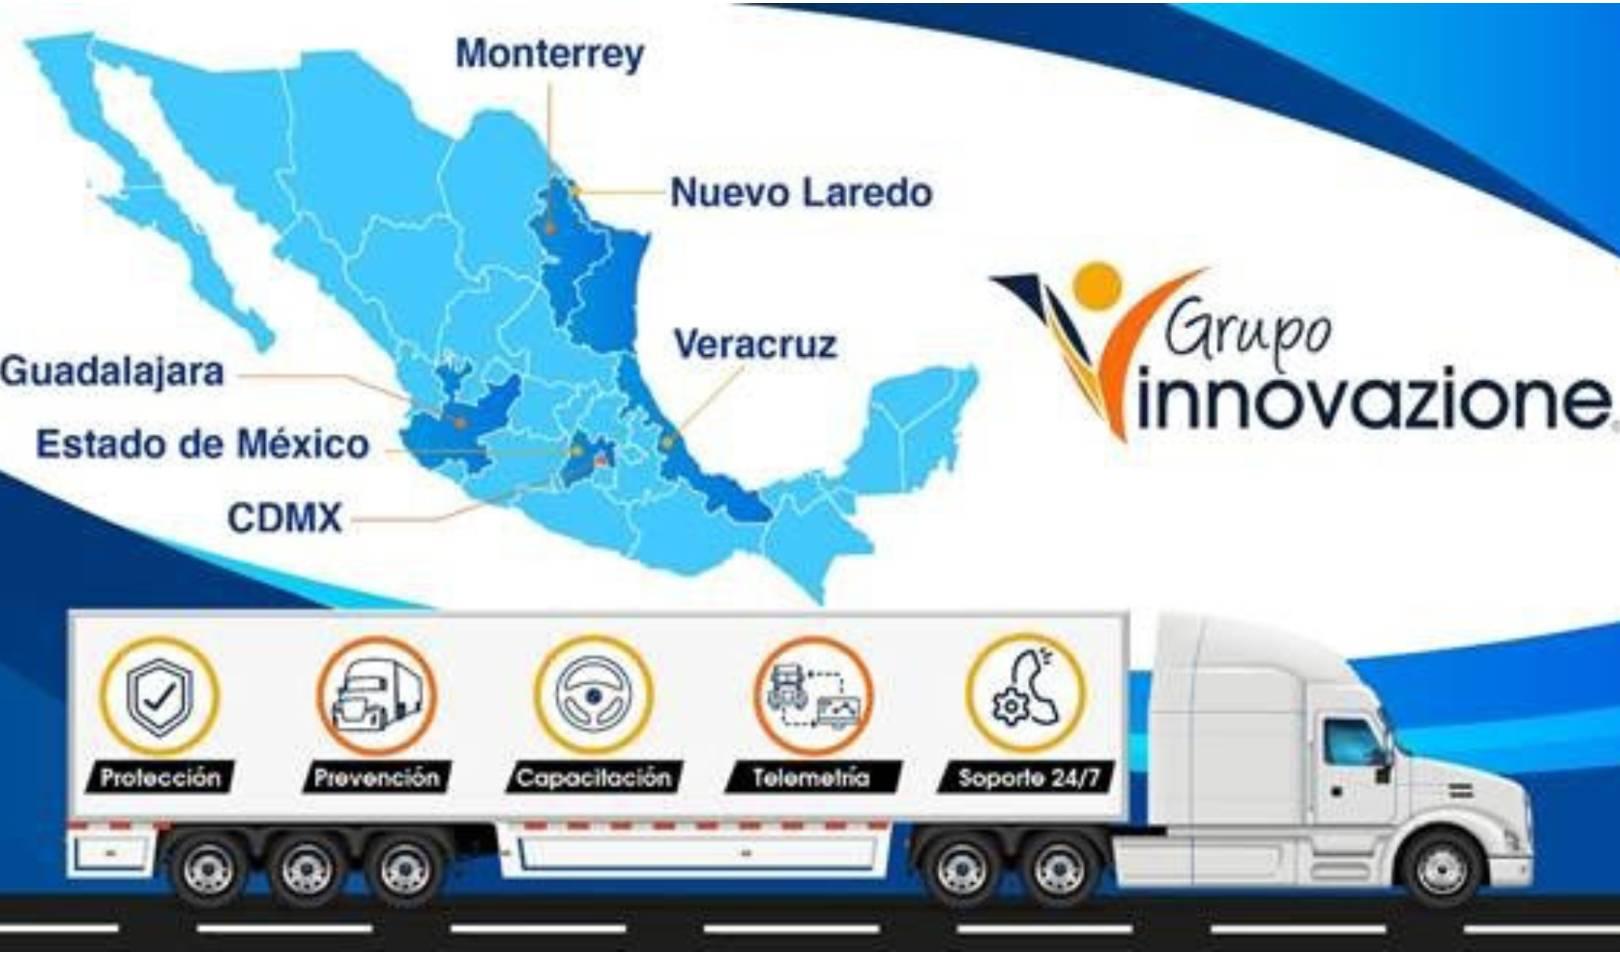 Grupo Innovazione